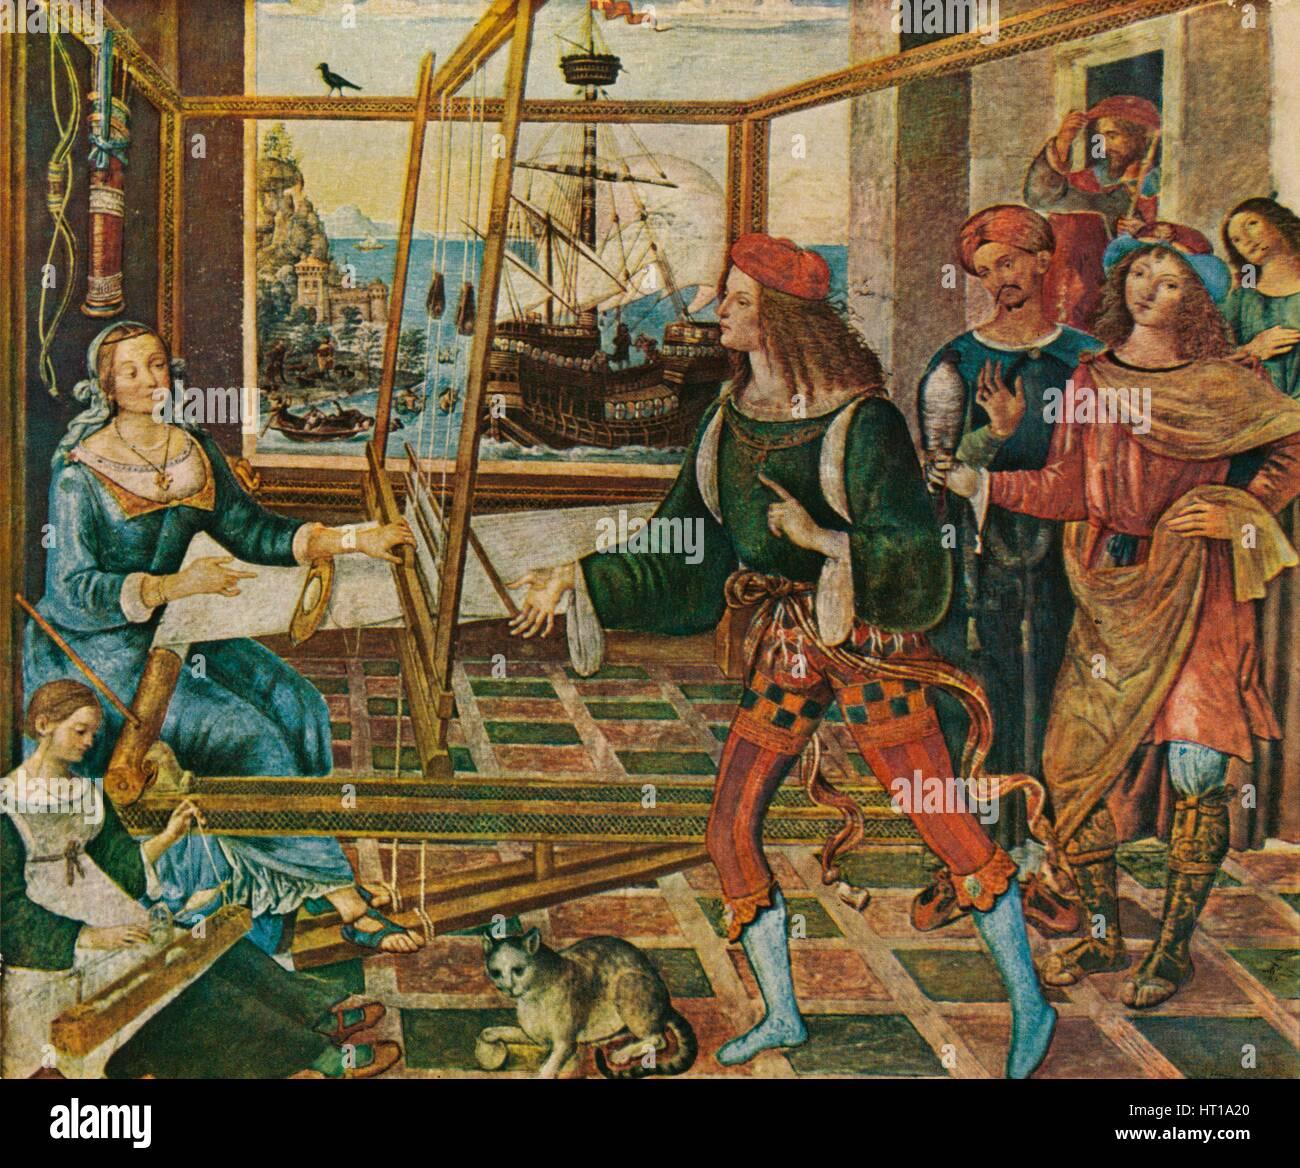 'Penelope with the Suitors', 1509, (1909). Artist: Bernardino Pinturicchio. - Stock Image